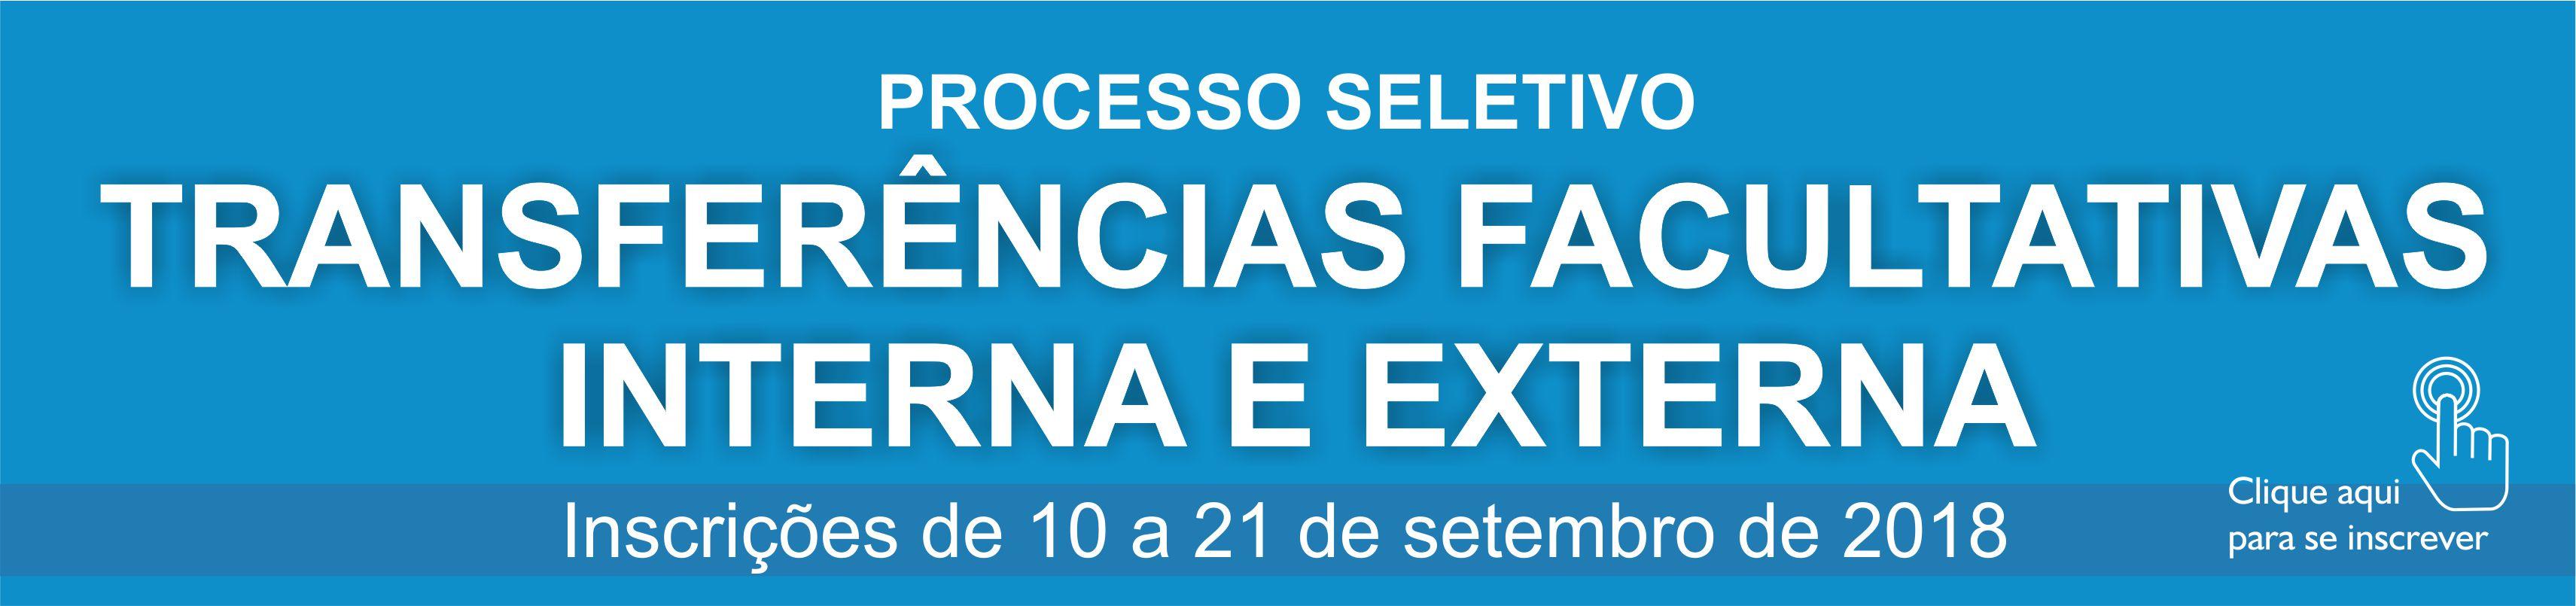 banner_inscricao_transferenciasjpg